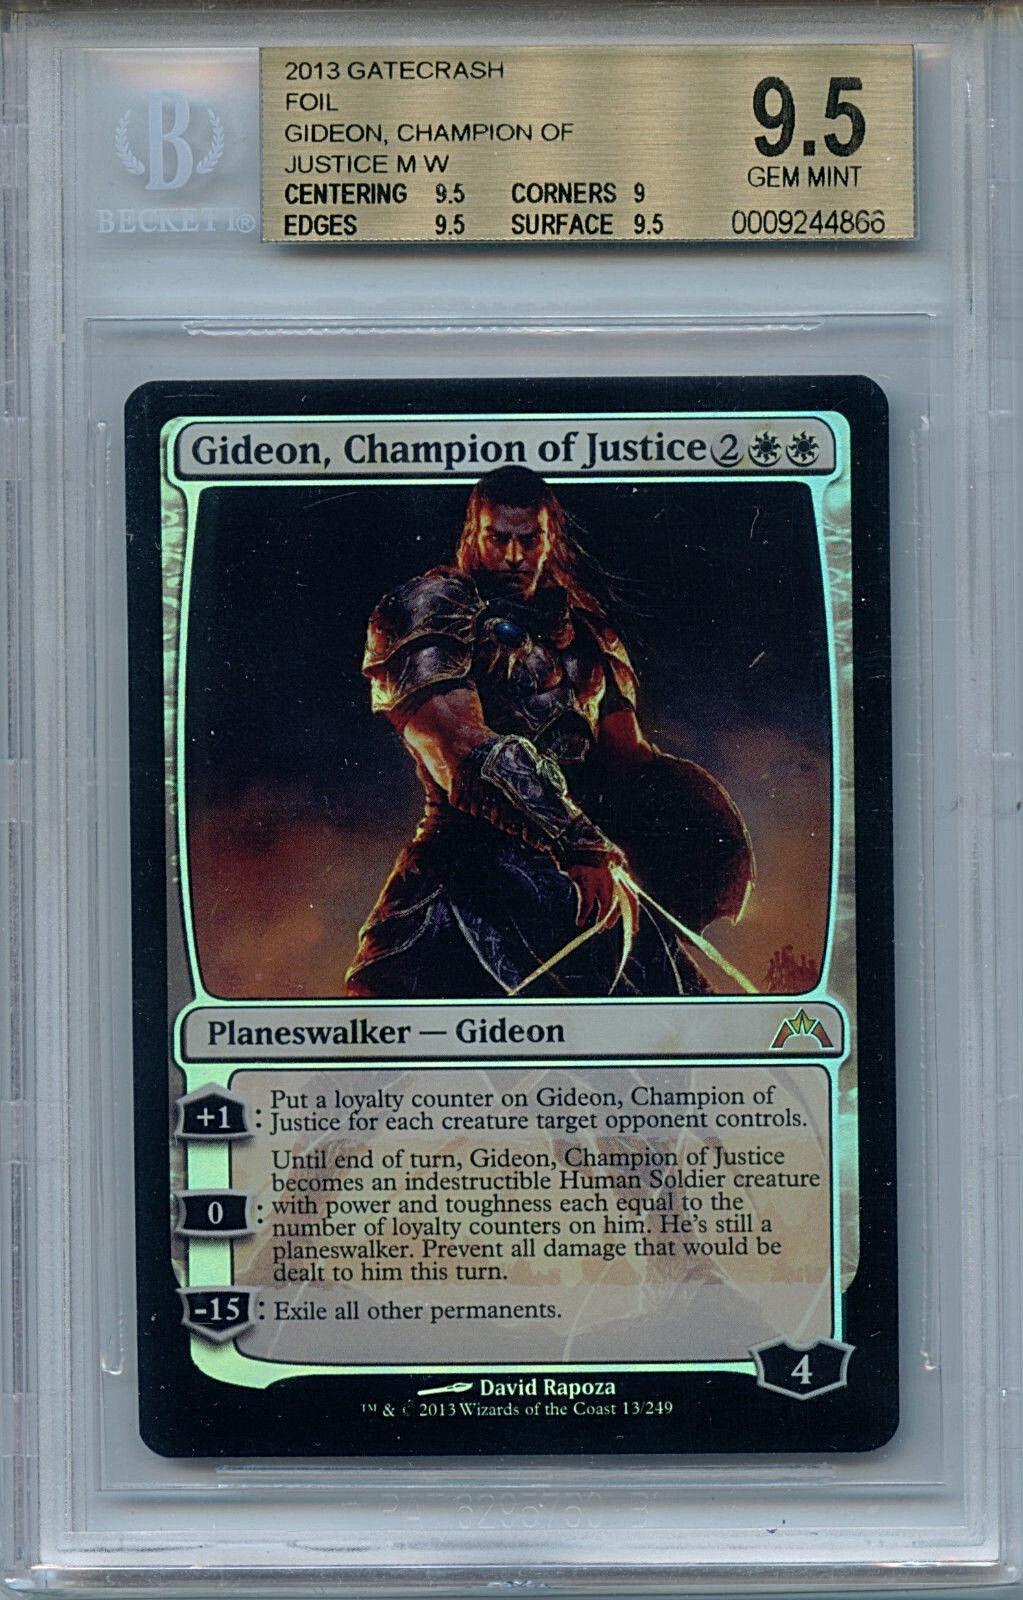 Mtg gideon champion justiz bgs 9,5 gatecrash mystische folie magische karte amricons